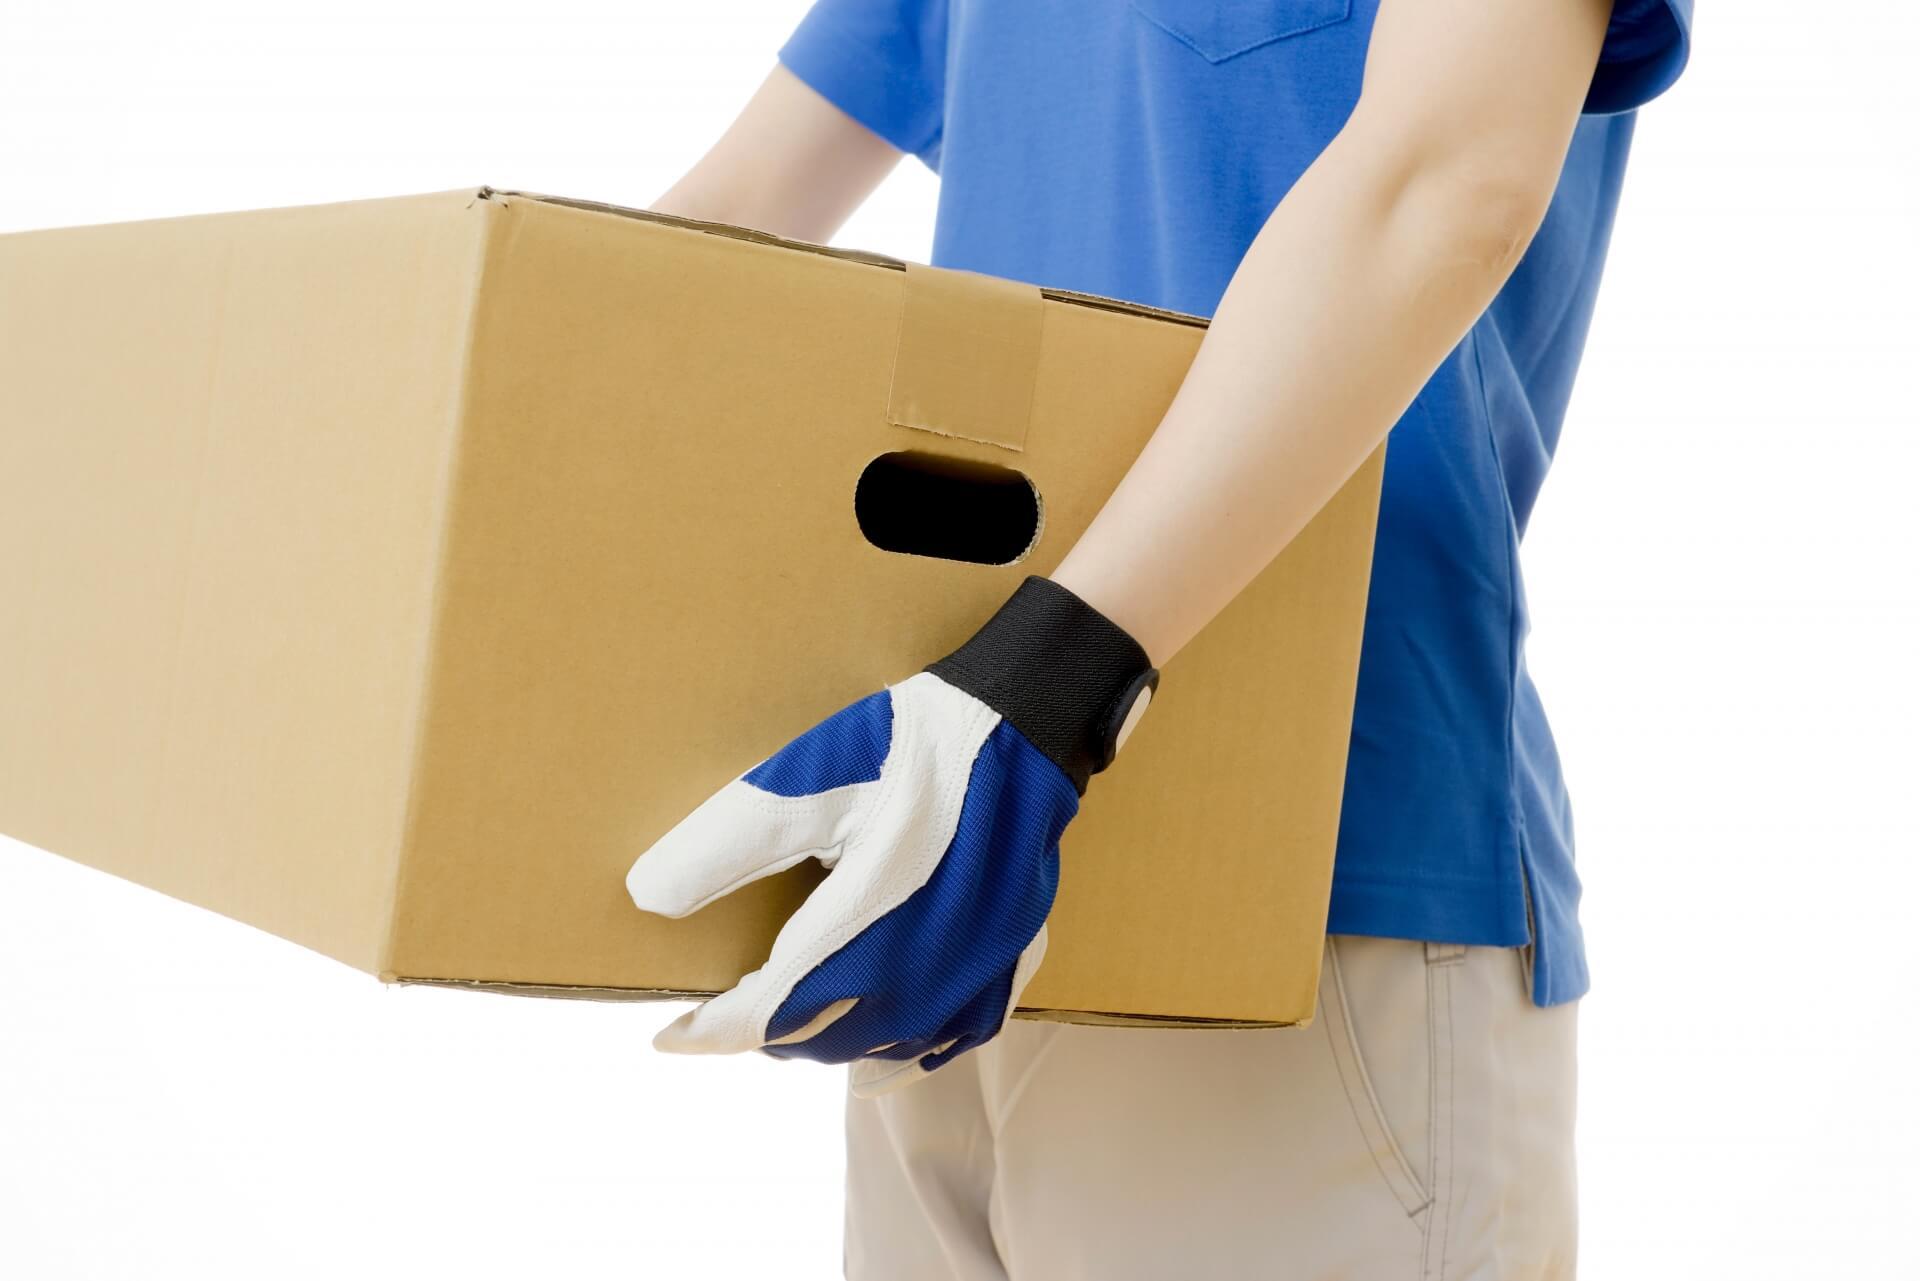 集荷依頼をして仕入れた商品を送る